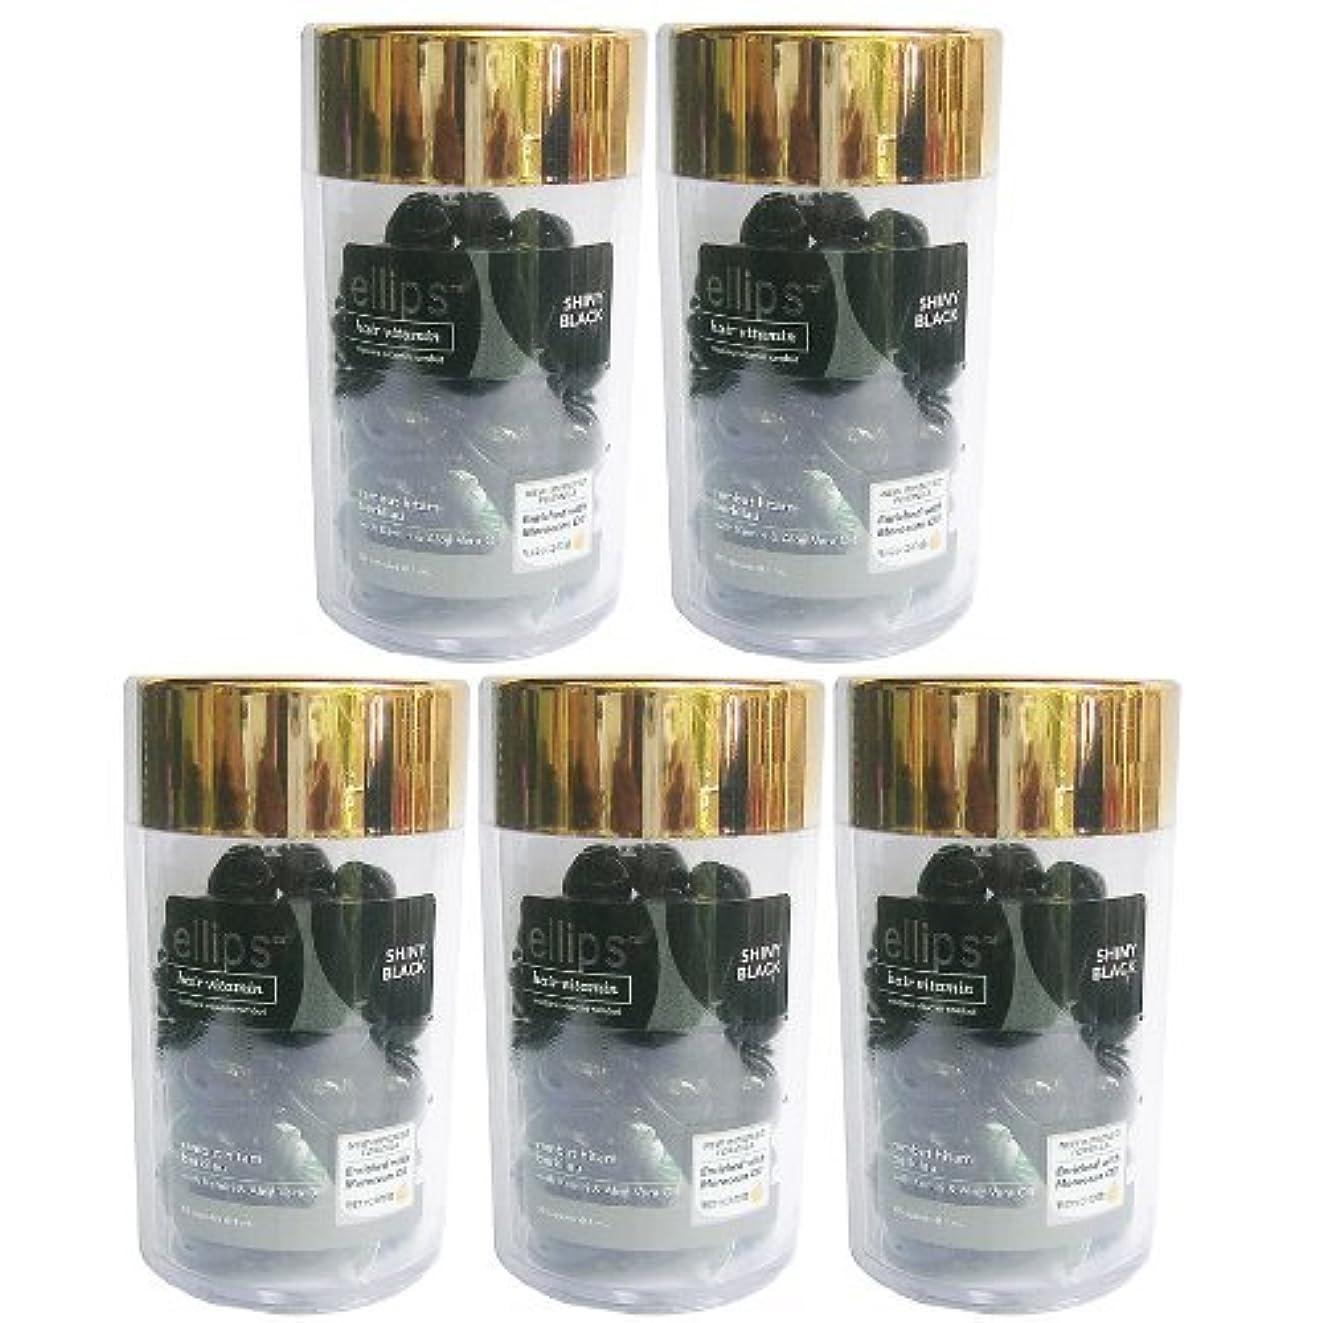 コミュニティ選出する含むEllips(エリプス)ヘアビタミン(50粒入)5個セット [並行輸入品][海外直送品] ブラック